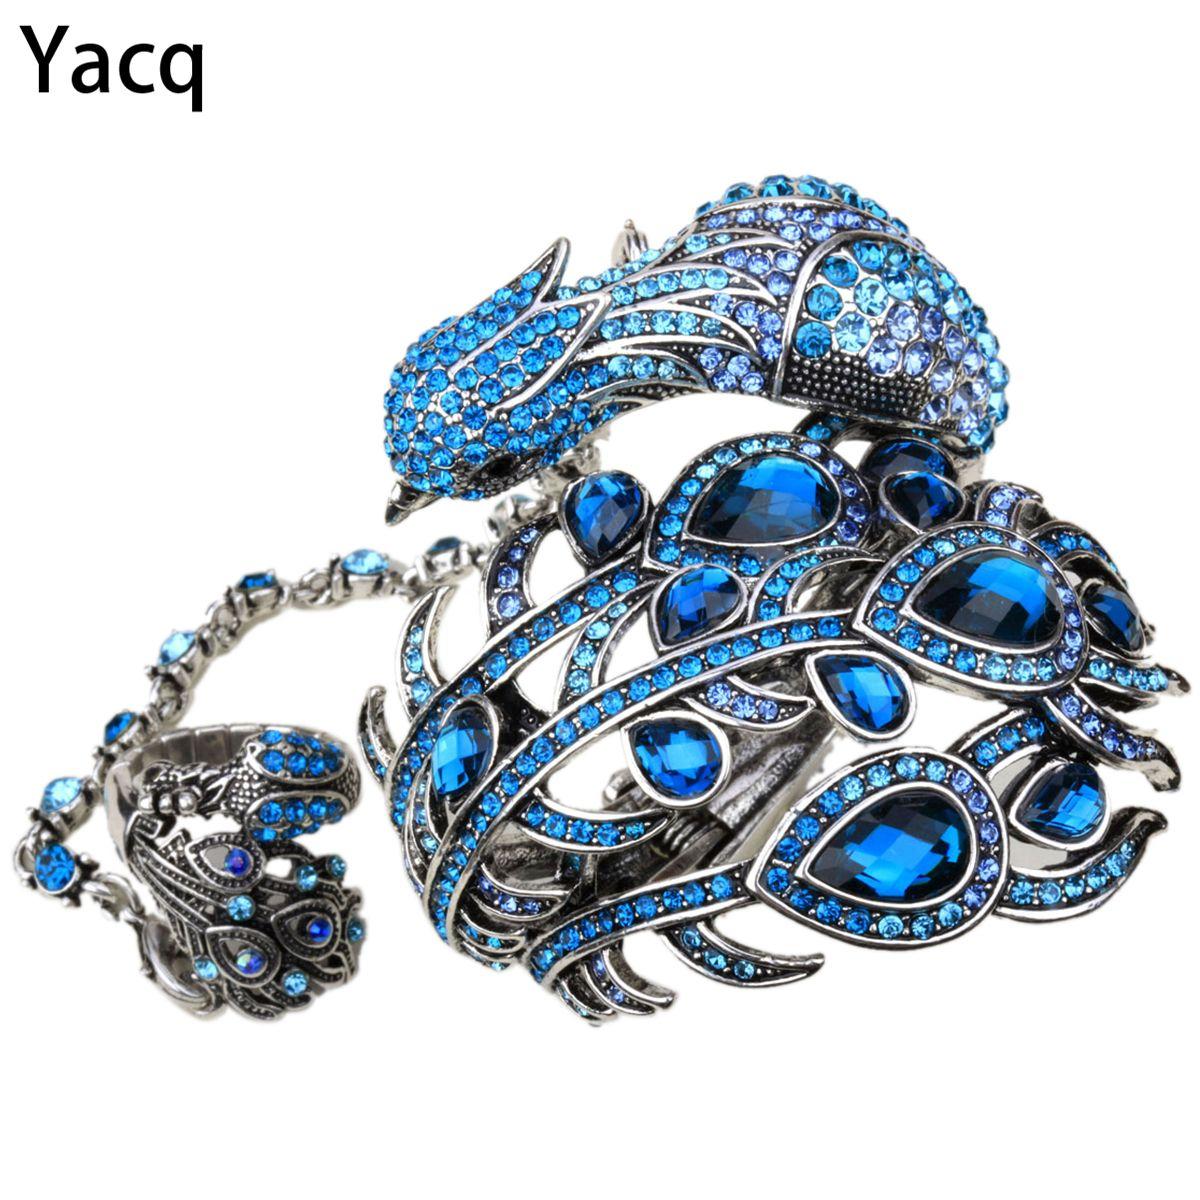 YACQ Paon Bracelet Bracelet Esclave Main Chaîne Attachée Anneau Ensembles Femmes Bijoux Cadeaux A23 Argent Or Couleur Dropshipping